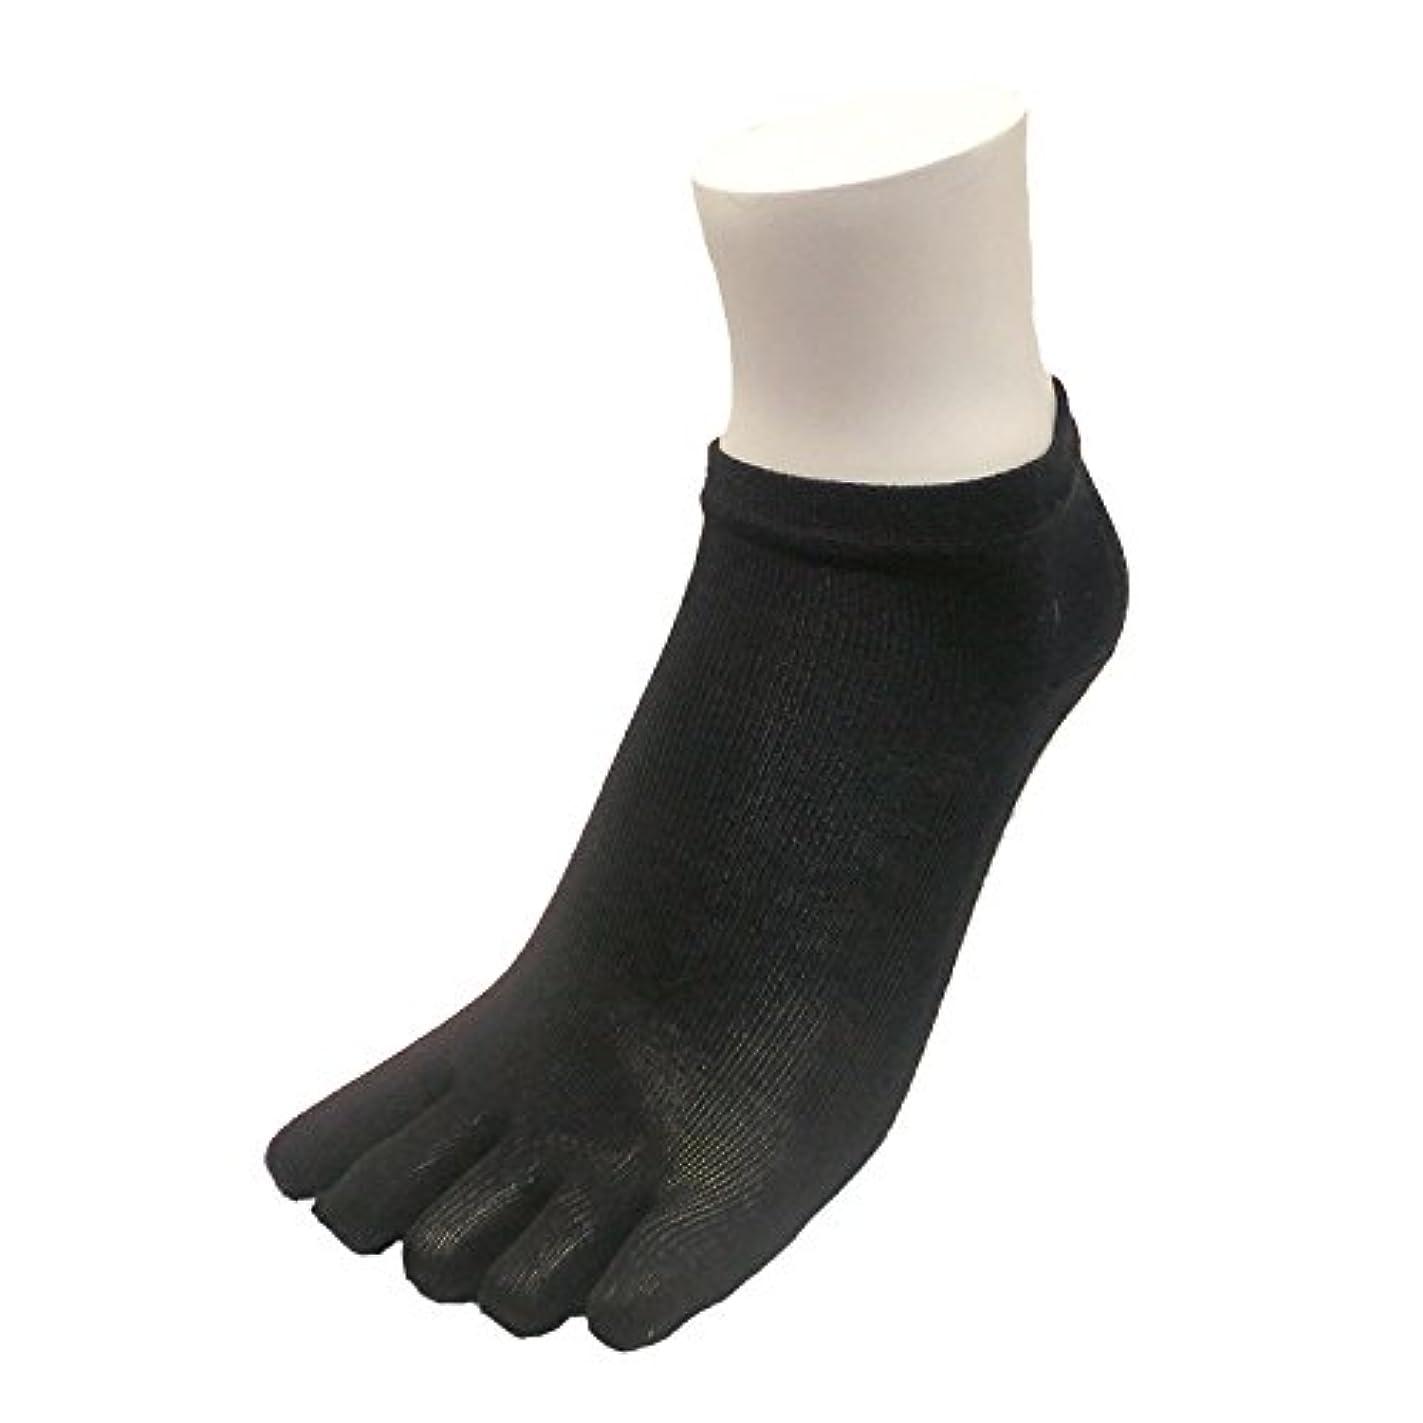 排泄物あいまいベリシルク 五本指 ソックス 23-25cm 日本製 (ブラック3足セット)絹 靴下